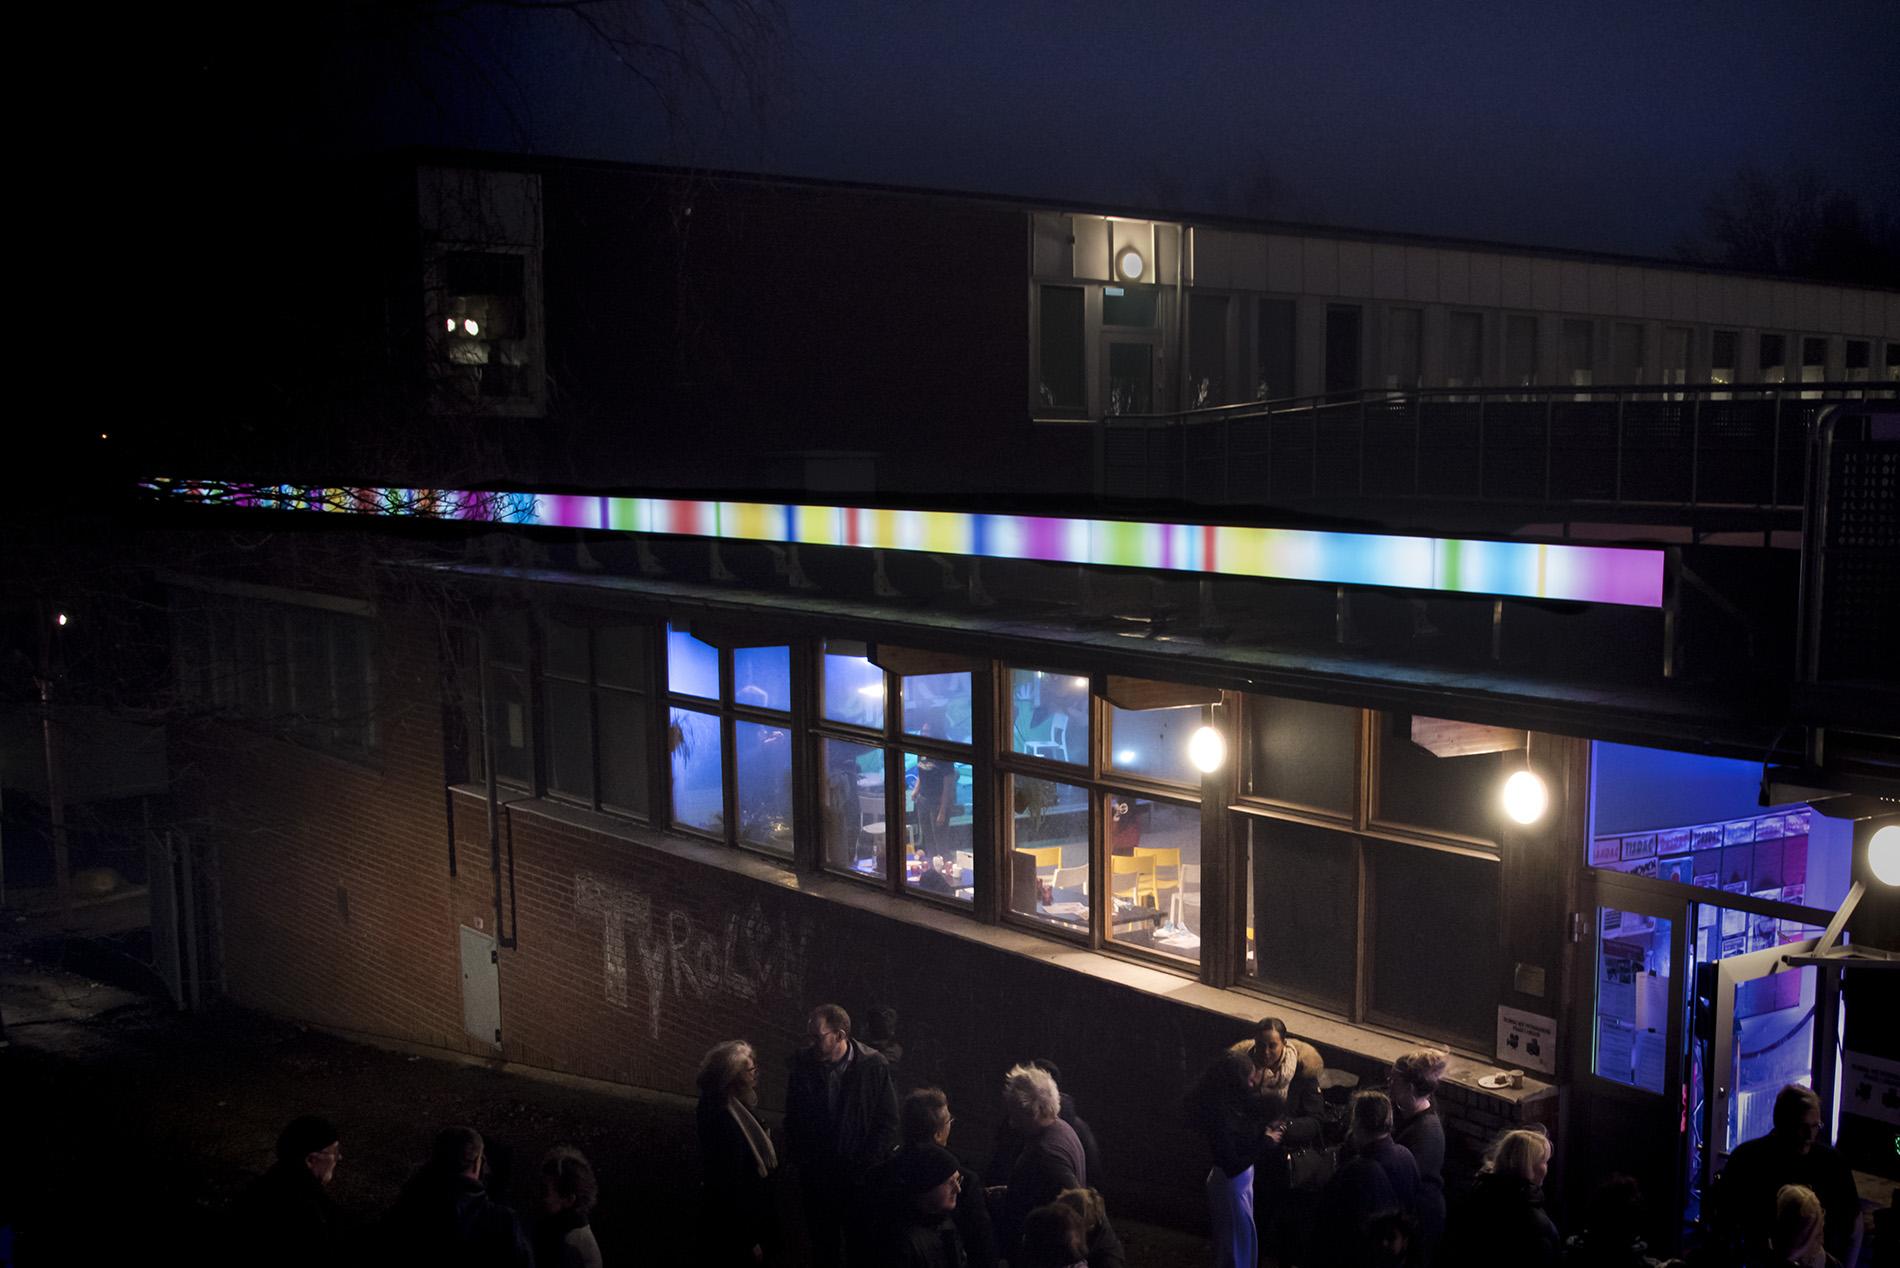 En långsmal ljusbox i olika färger. Ljuslinjen är tänd och det är kväll.